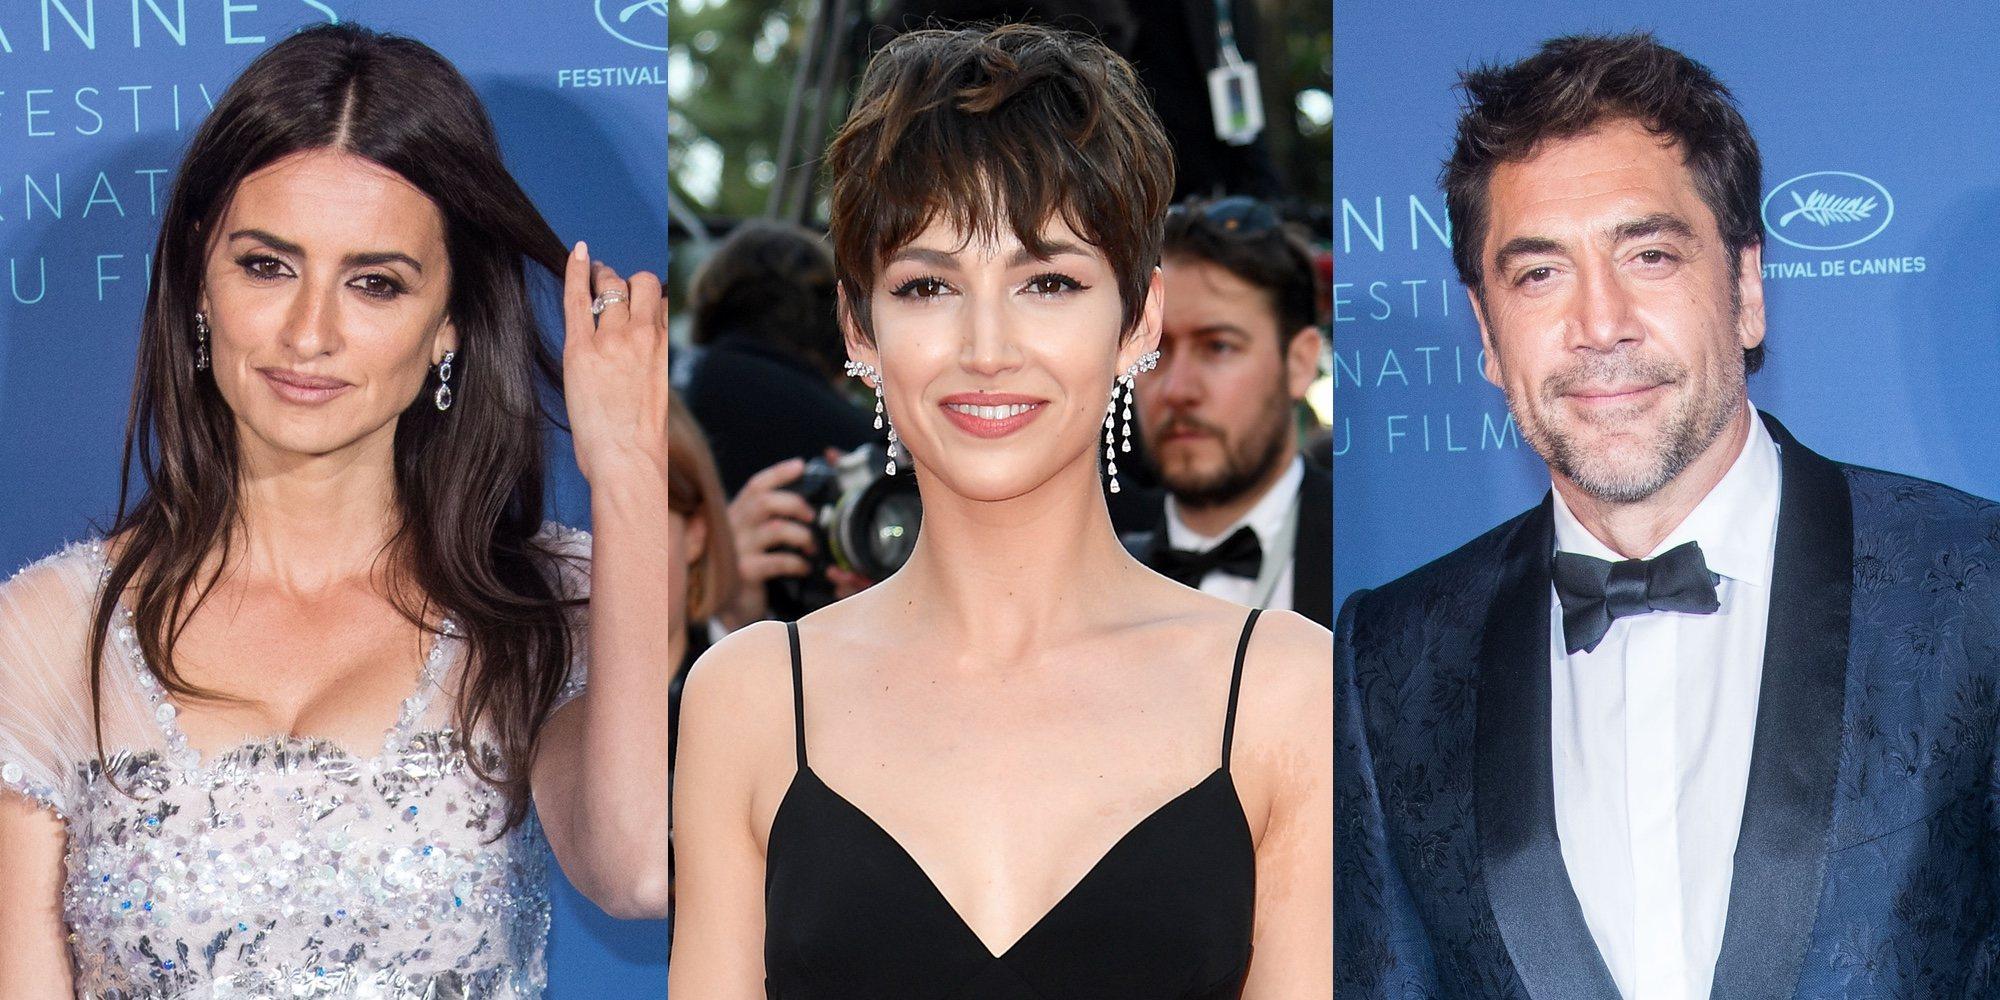 Penélope Cruz y Úrsula Corberó, deslumbrantes en la alfombra roja del Festival de Cannes de 2018